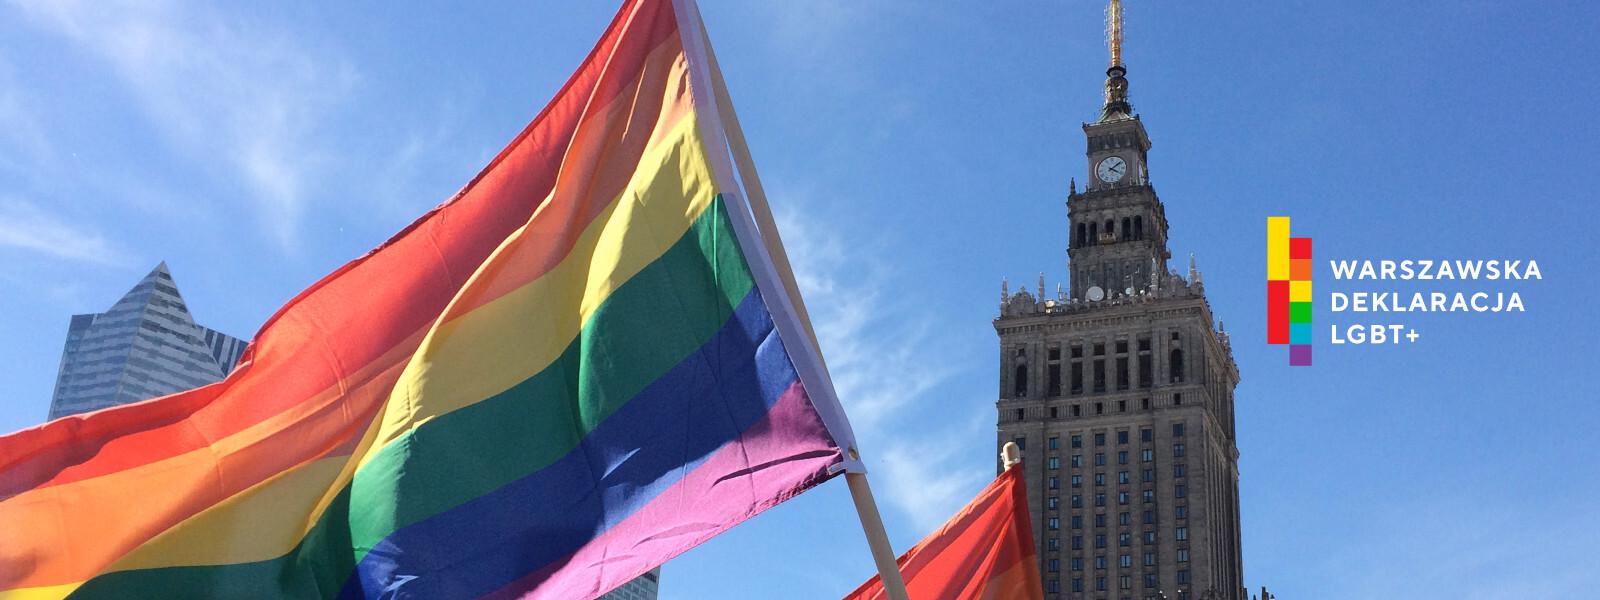 Udało się! W Warszawie powstanie hostel interwencyjny dla osób LGBT+